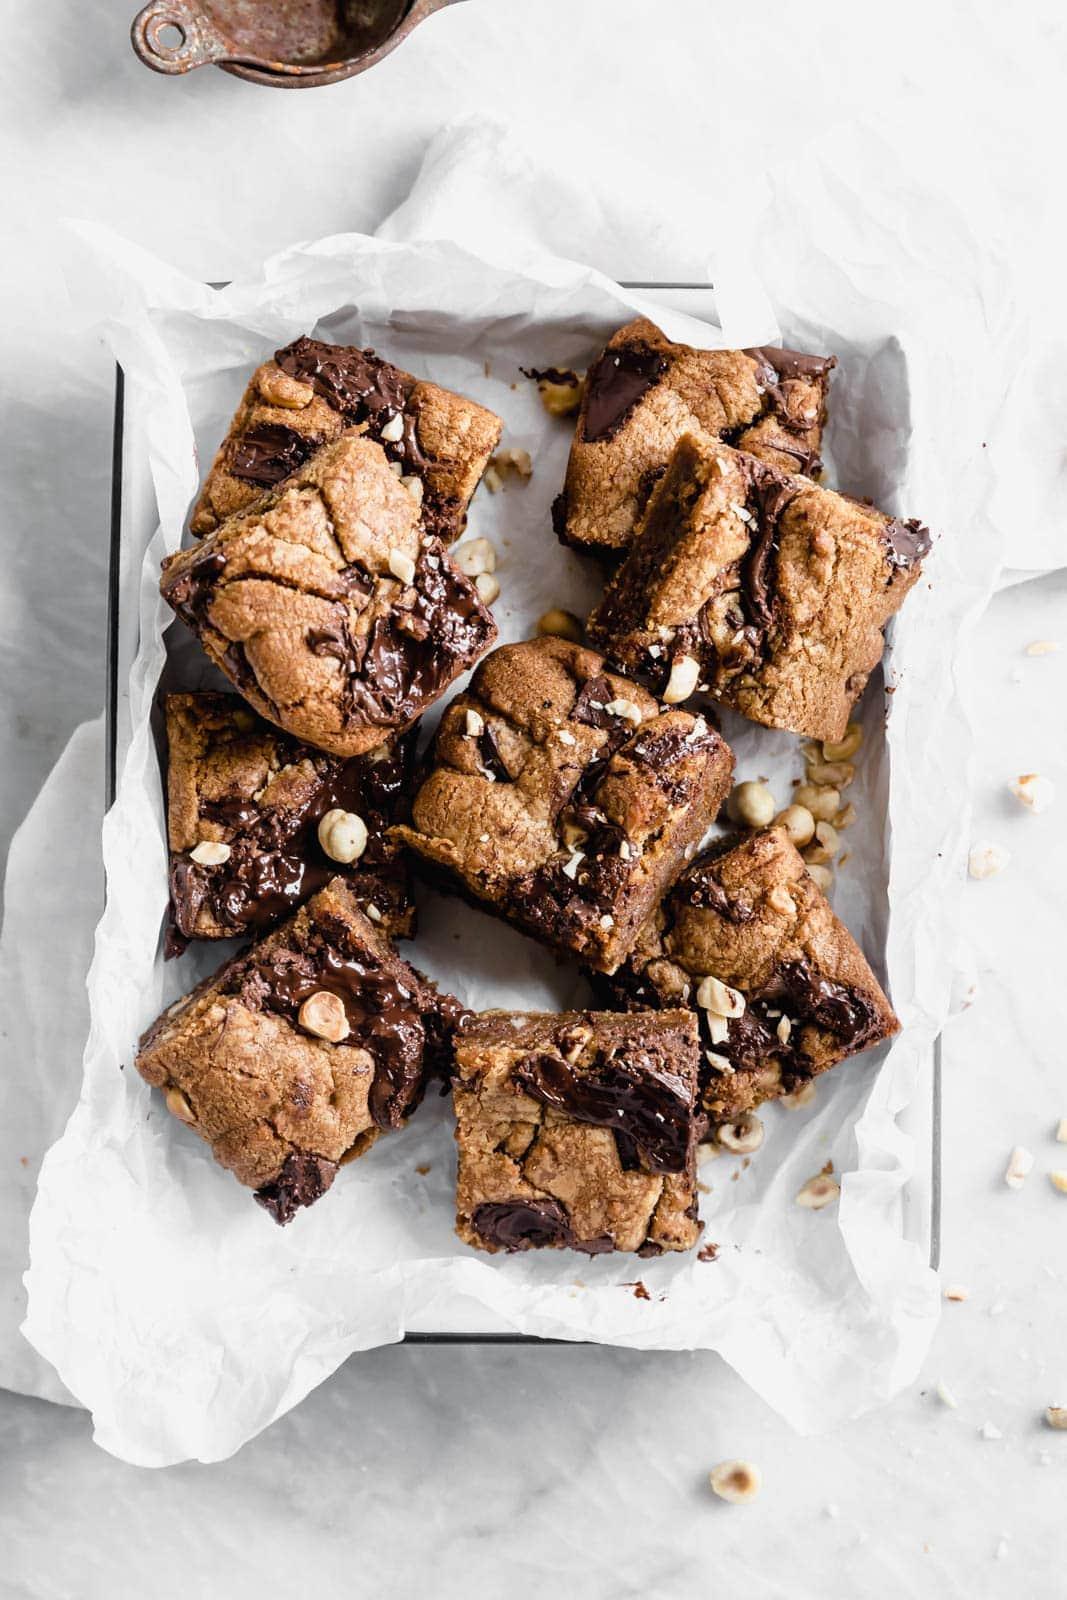 Barna vaj Nutella csokoládé chips süti zsíros örvényekkel és enyhén pirított mogyoróval.  A sós édes csemege biztosan showstopper lesz.